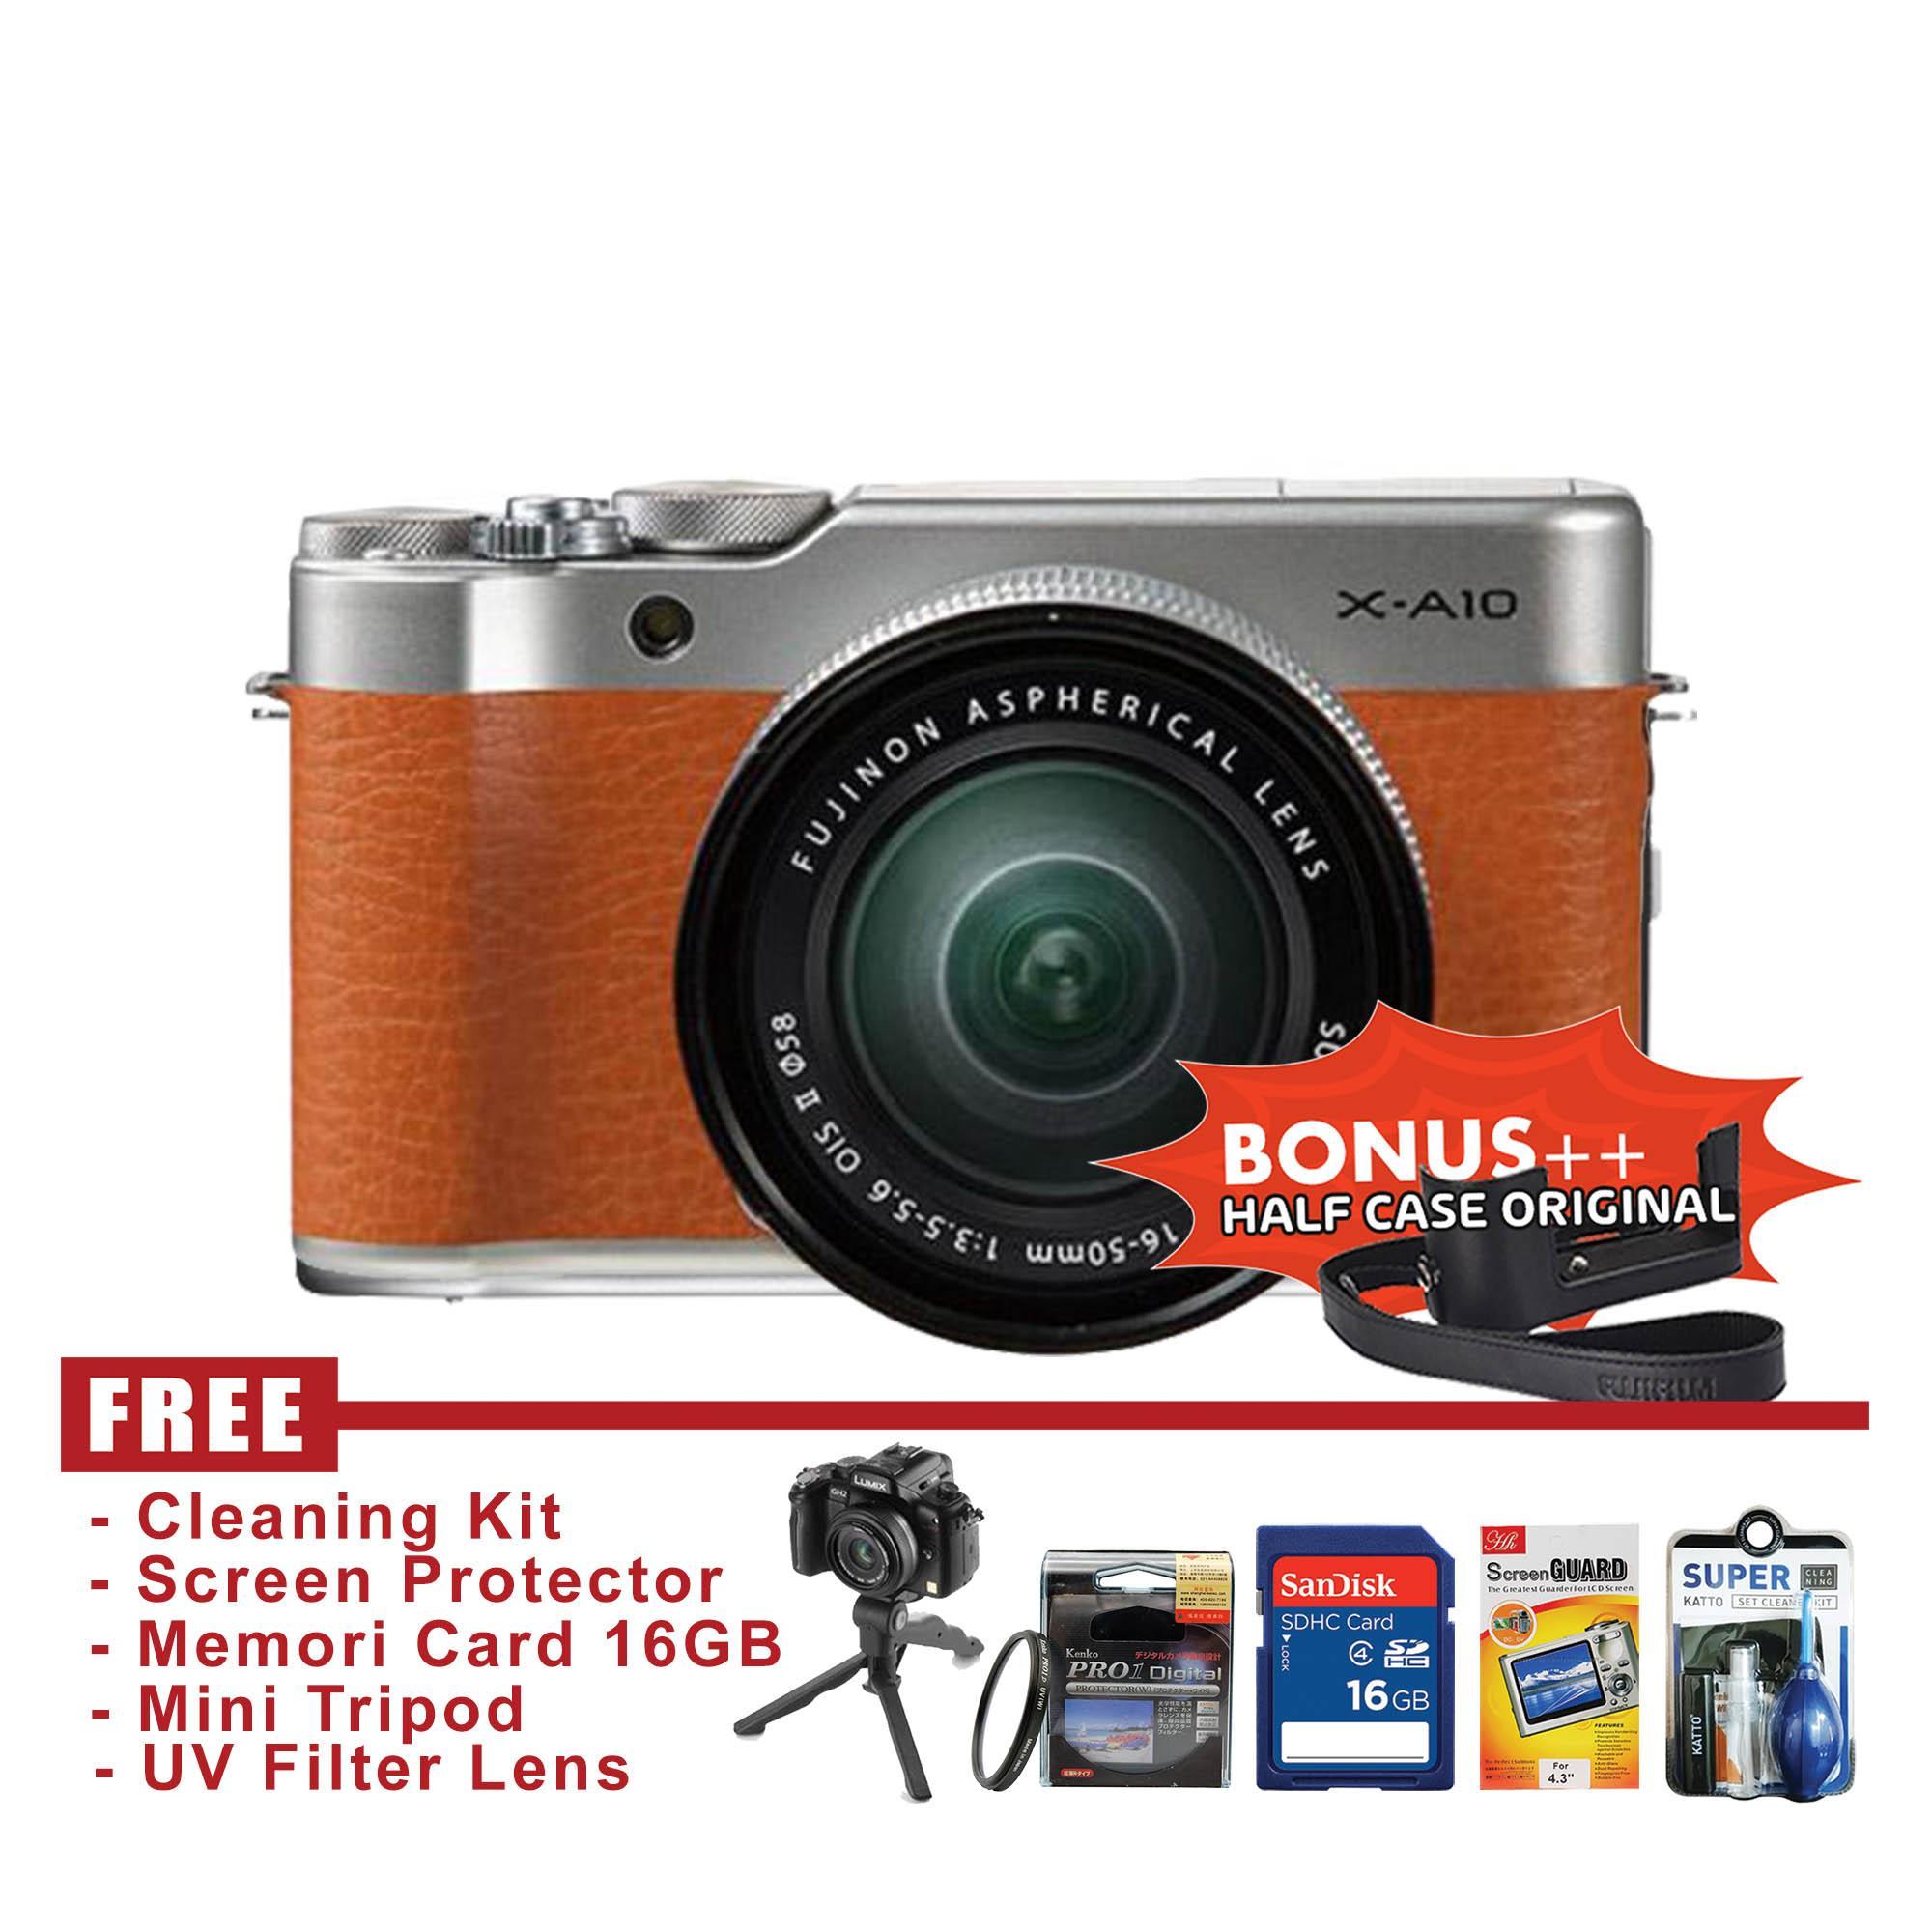 Jual Kamera Mirrorless Terbaru Canon Eos M10 Kit 15 45mm Is Stm 18 Mp Hitam Fujifilm X A10 16 50mm Ois Ii Brown Free Accessories